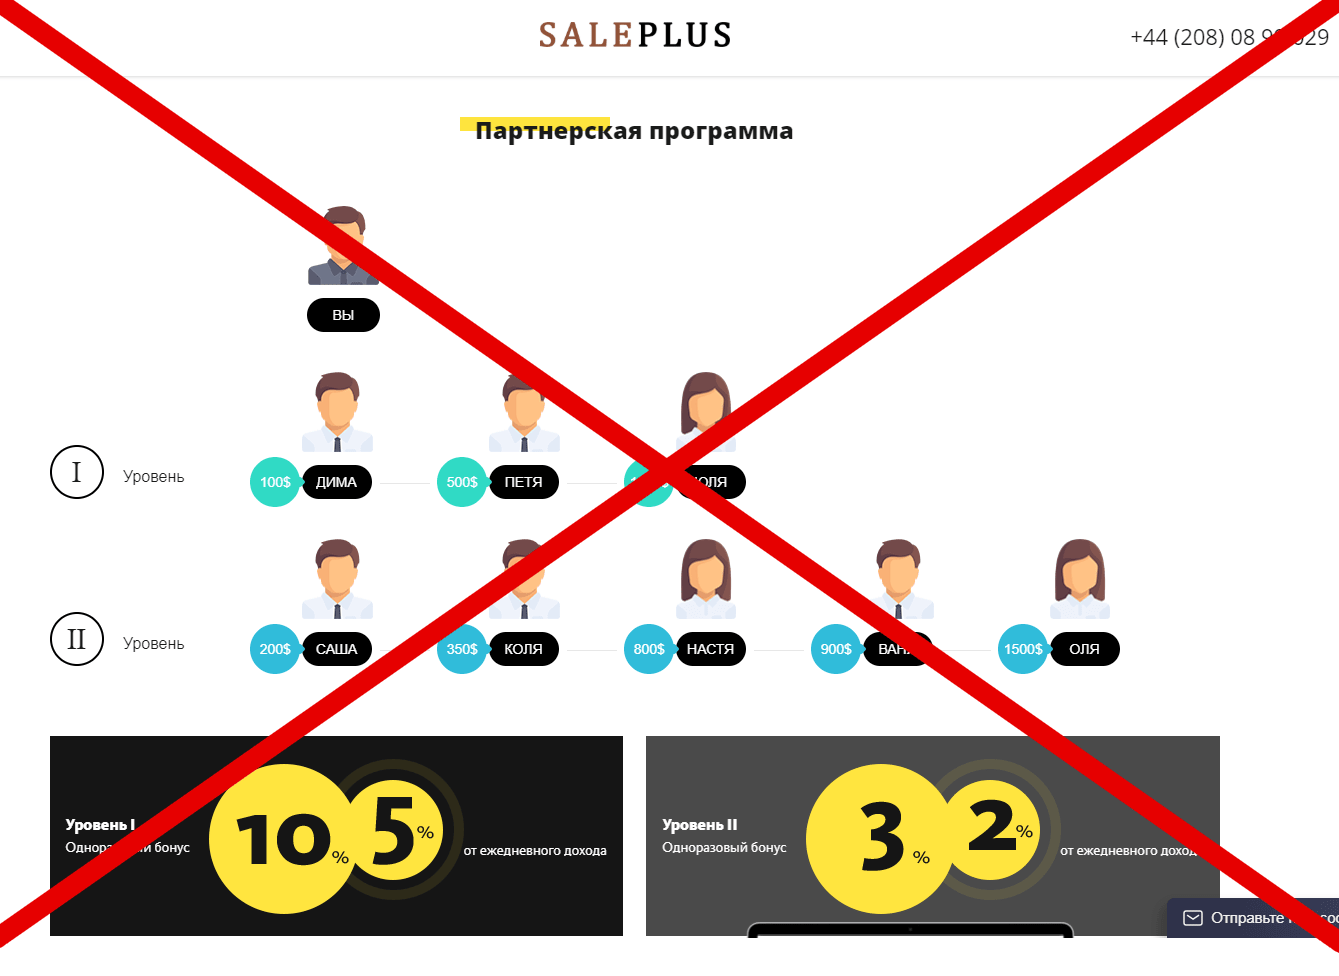 Отзывы о SalePlus - легальные инвестиции